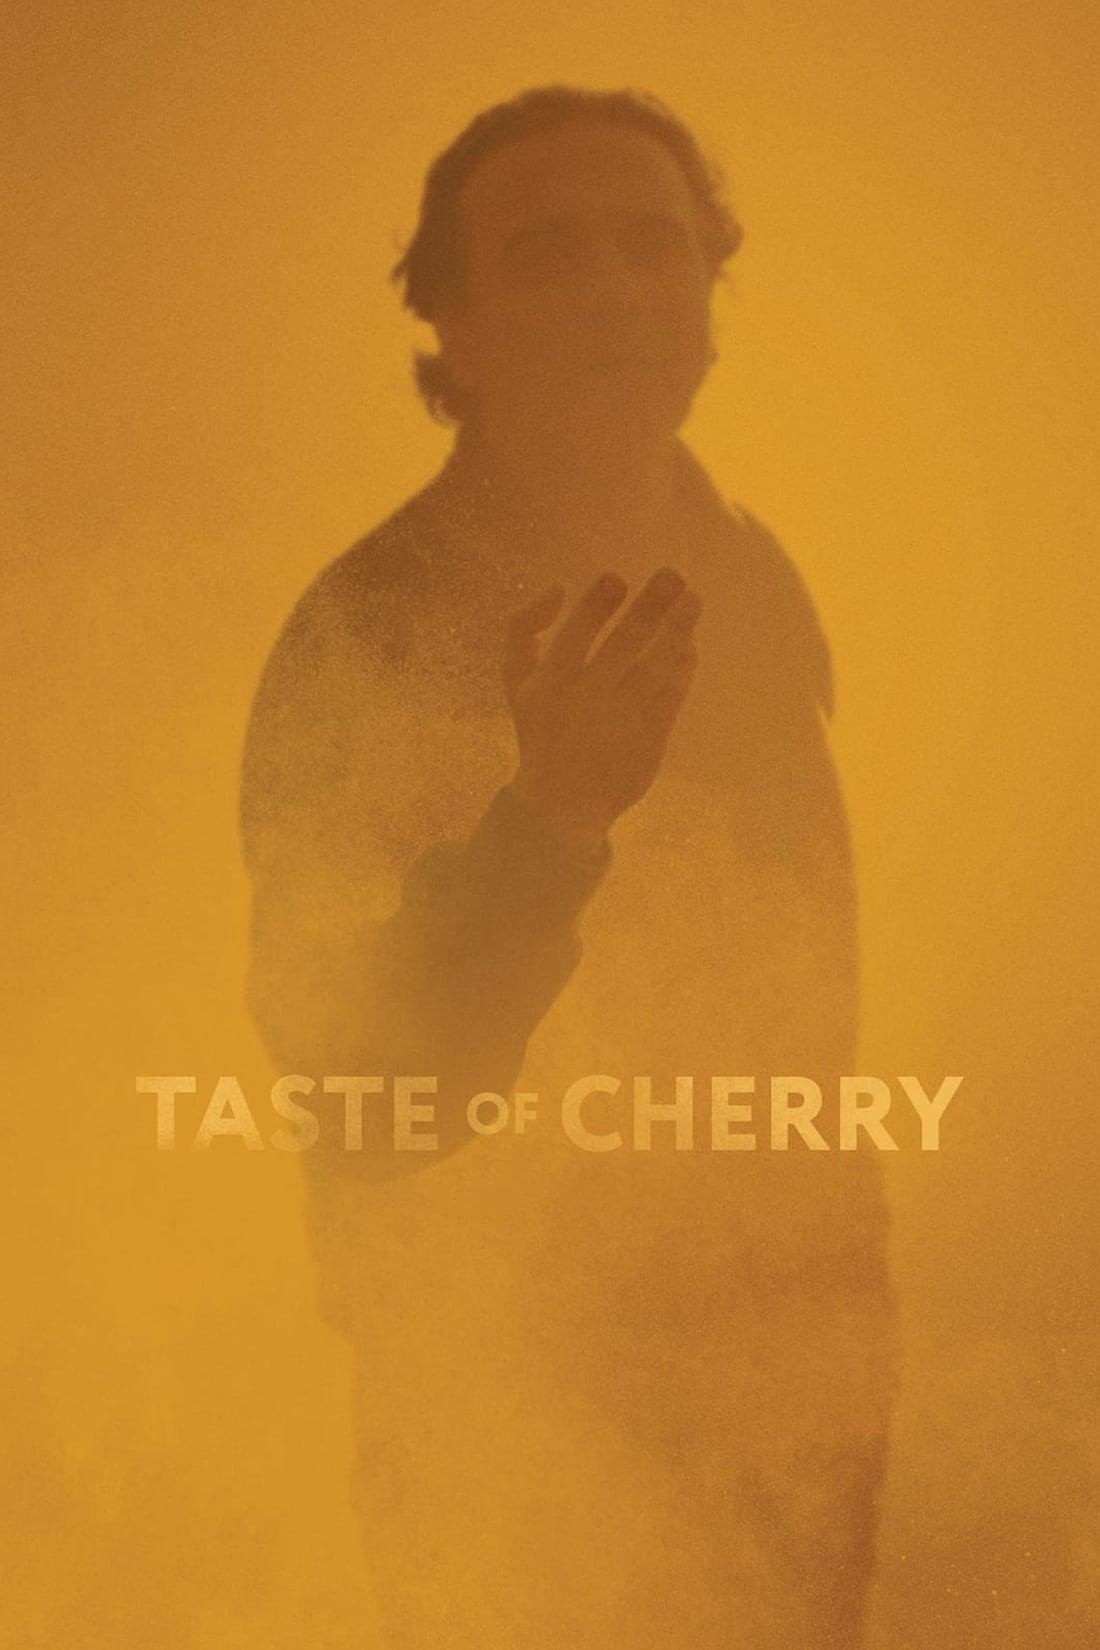 Der Geschmack der Kirsche